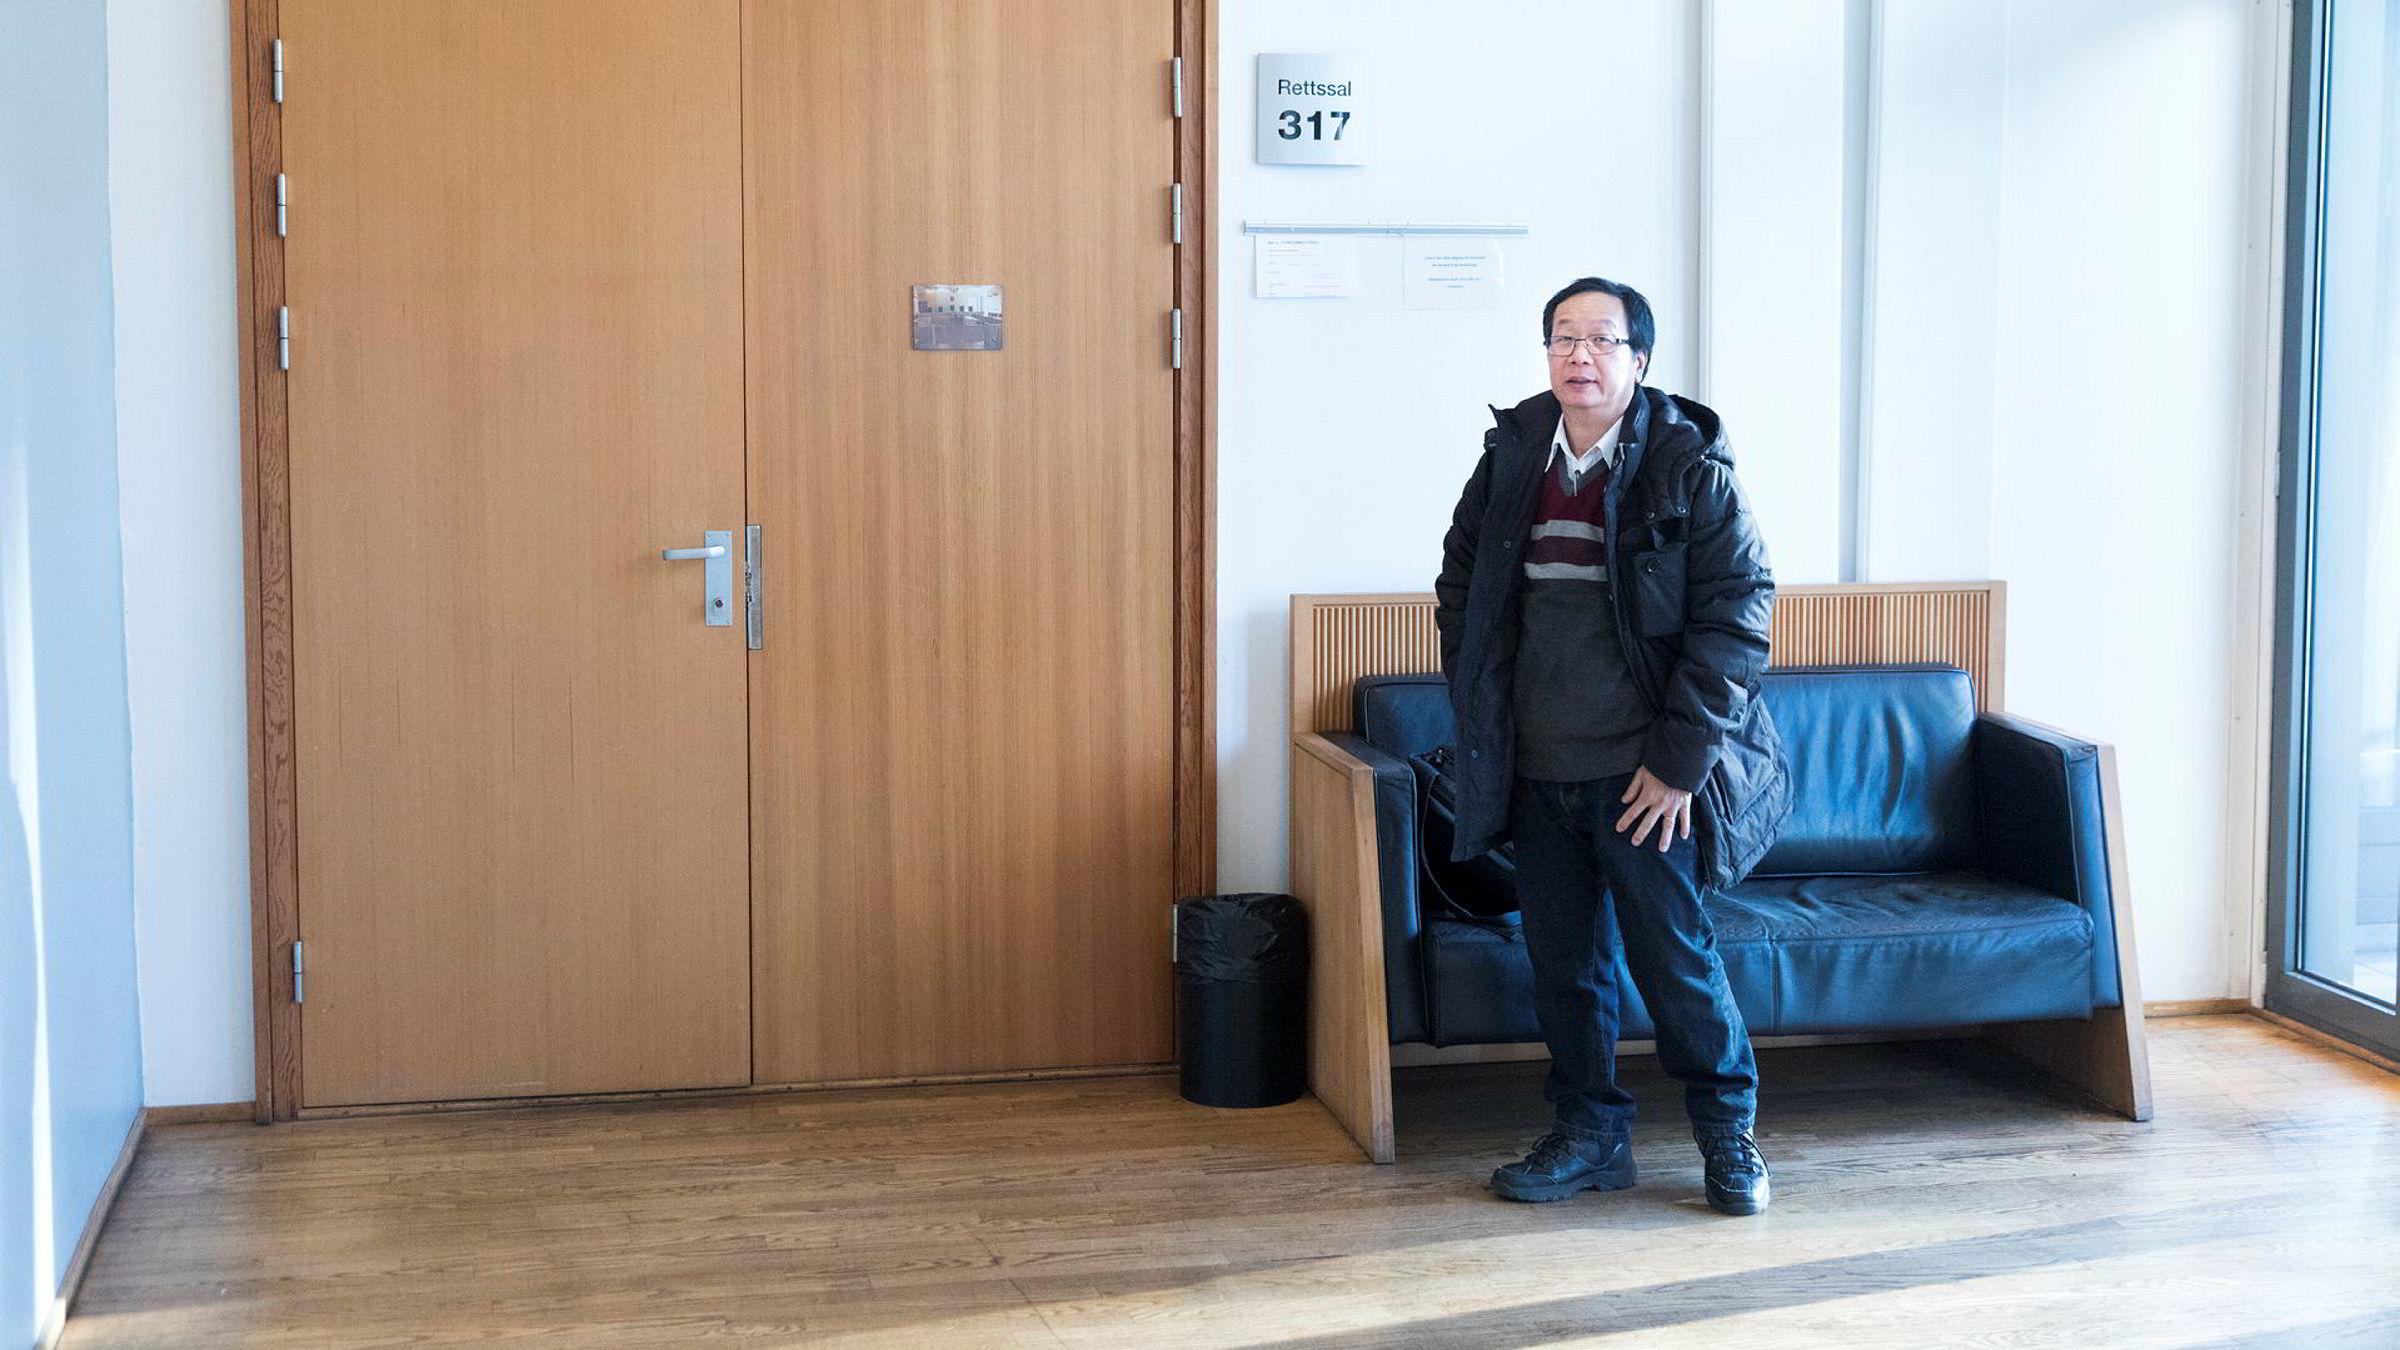 Den særnorske formuesskatten gjør at gründere i selskaper som ikke har særlig inntjening, men et stort potensial, blir tvunget til enten å selge seg ned eller flytte. DN skrev for eksempel nylig om gründeren Ngoc Minh Dinh i Next Biometrics, som nå har flyttet til Sverige for å unngå formuesskatten.